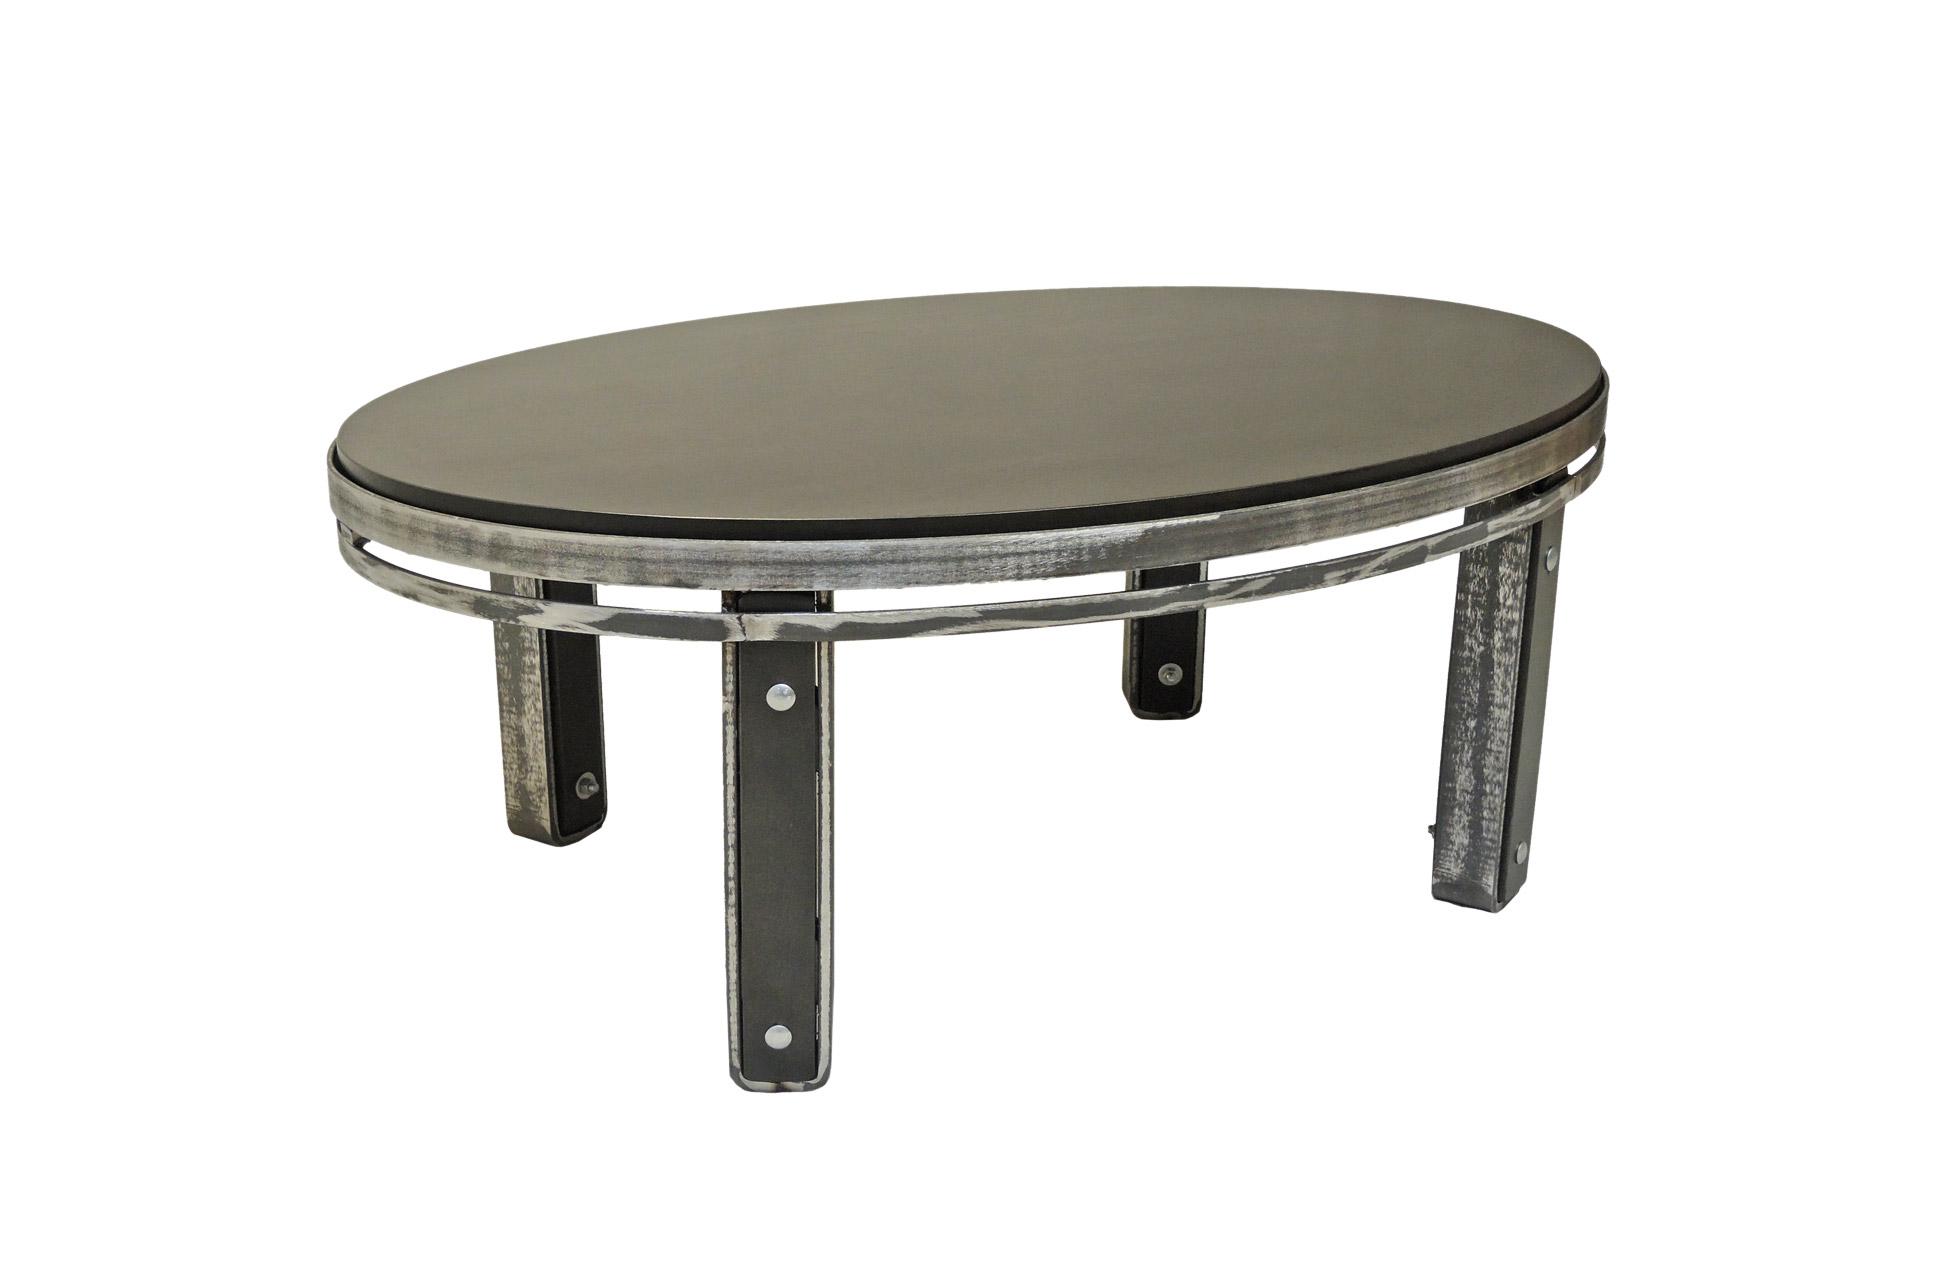 TABLE BASSE OVALE EN MERISIER